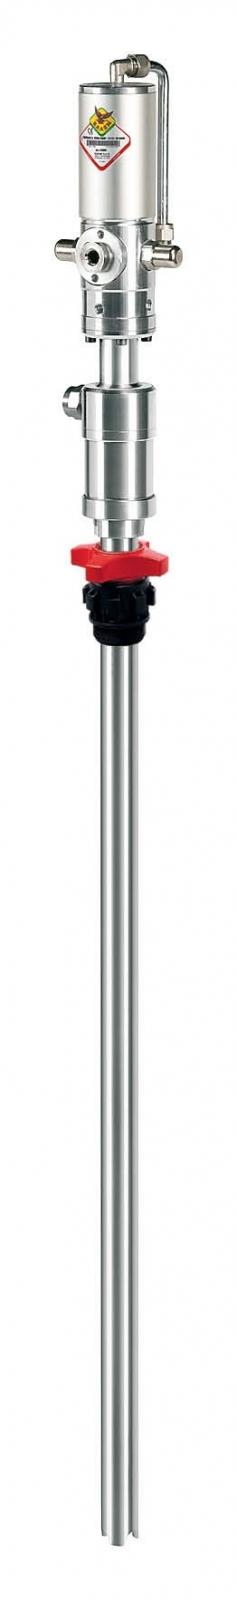 RAASM 36096 pneumatická pumpa